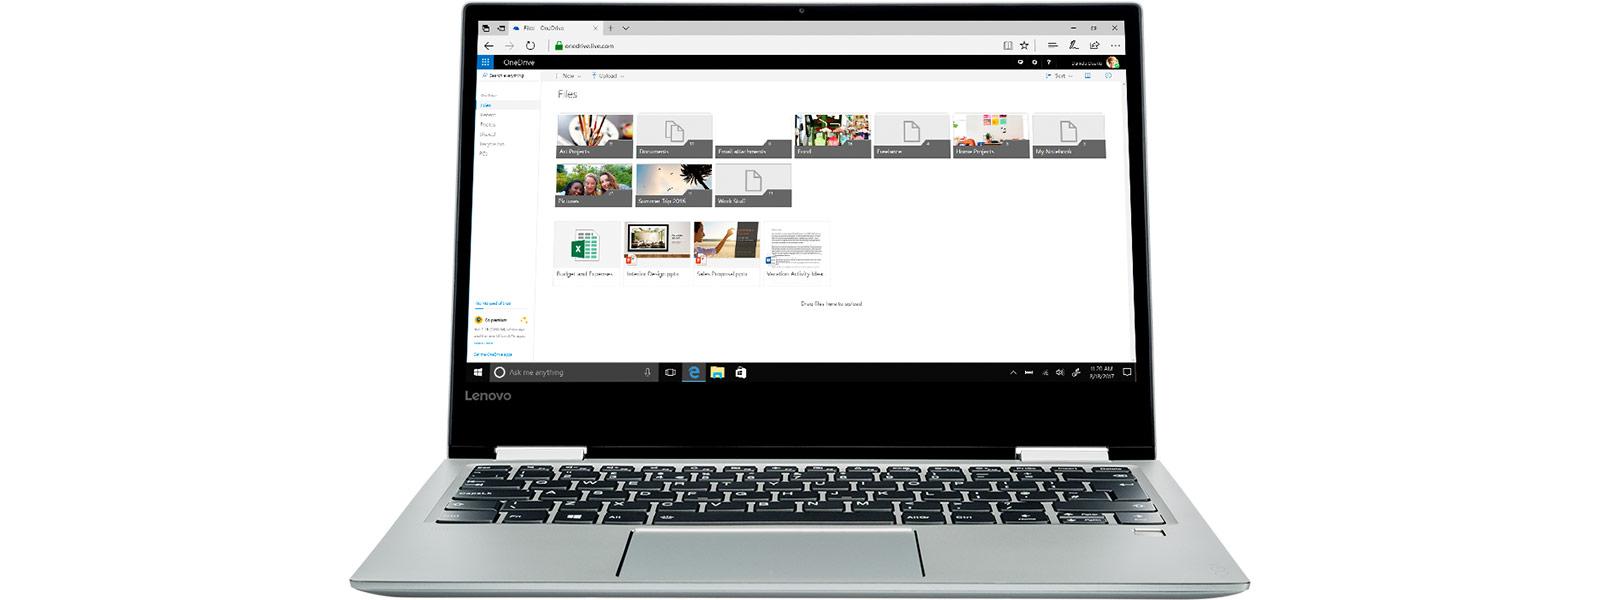 Ekran OneDrive na urządzeniu zsystemem Windows10